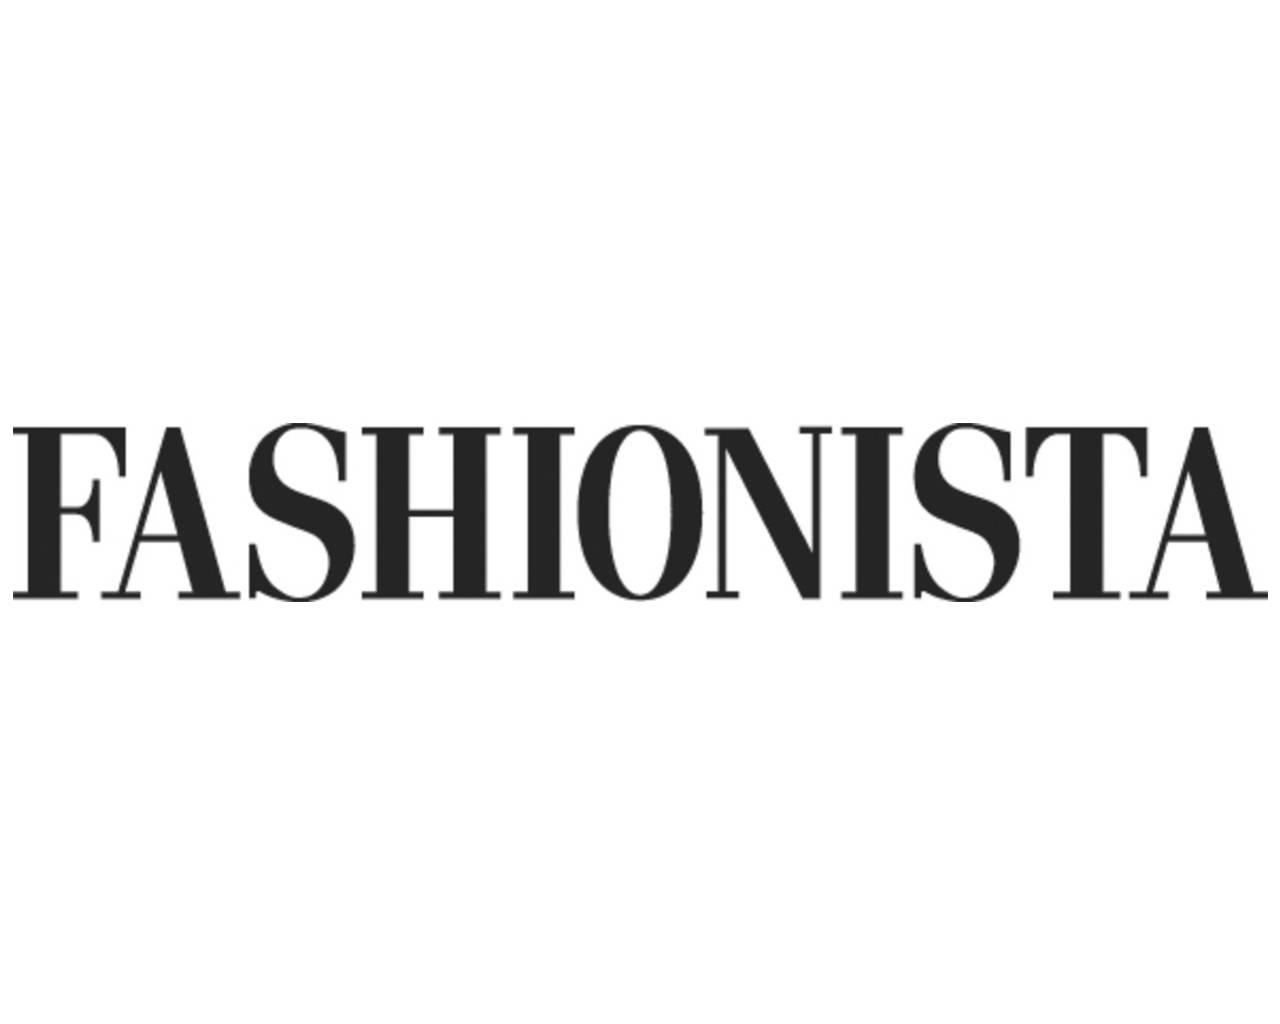 Fashionista Fashion Magazine Logo